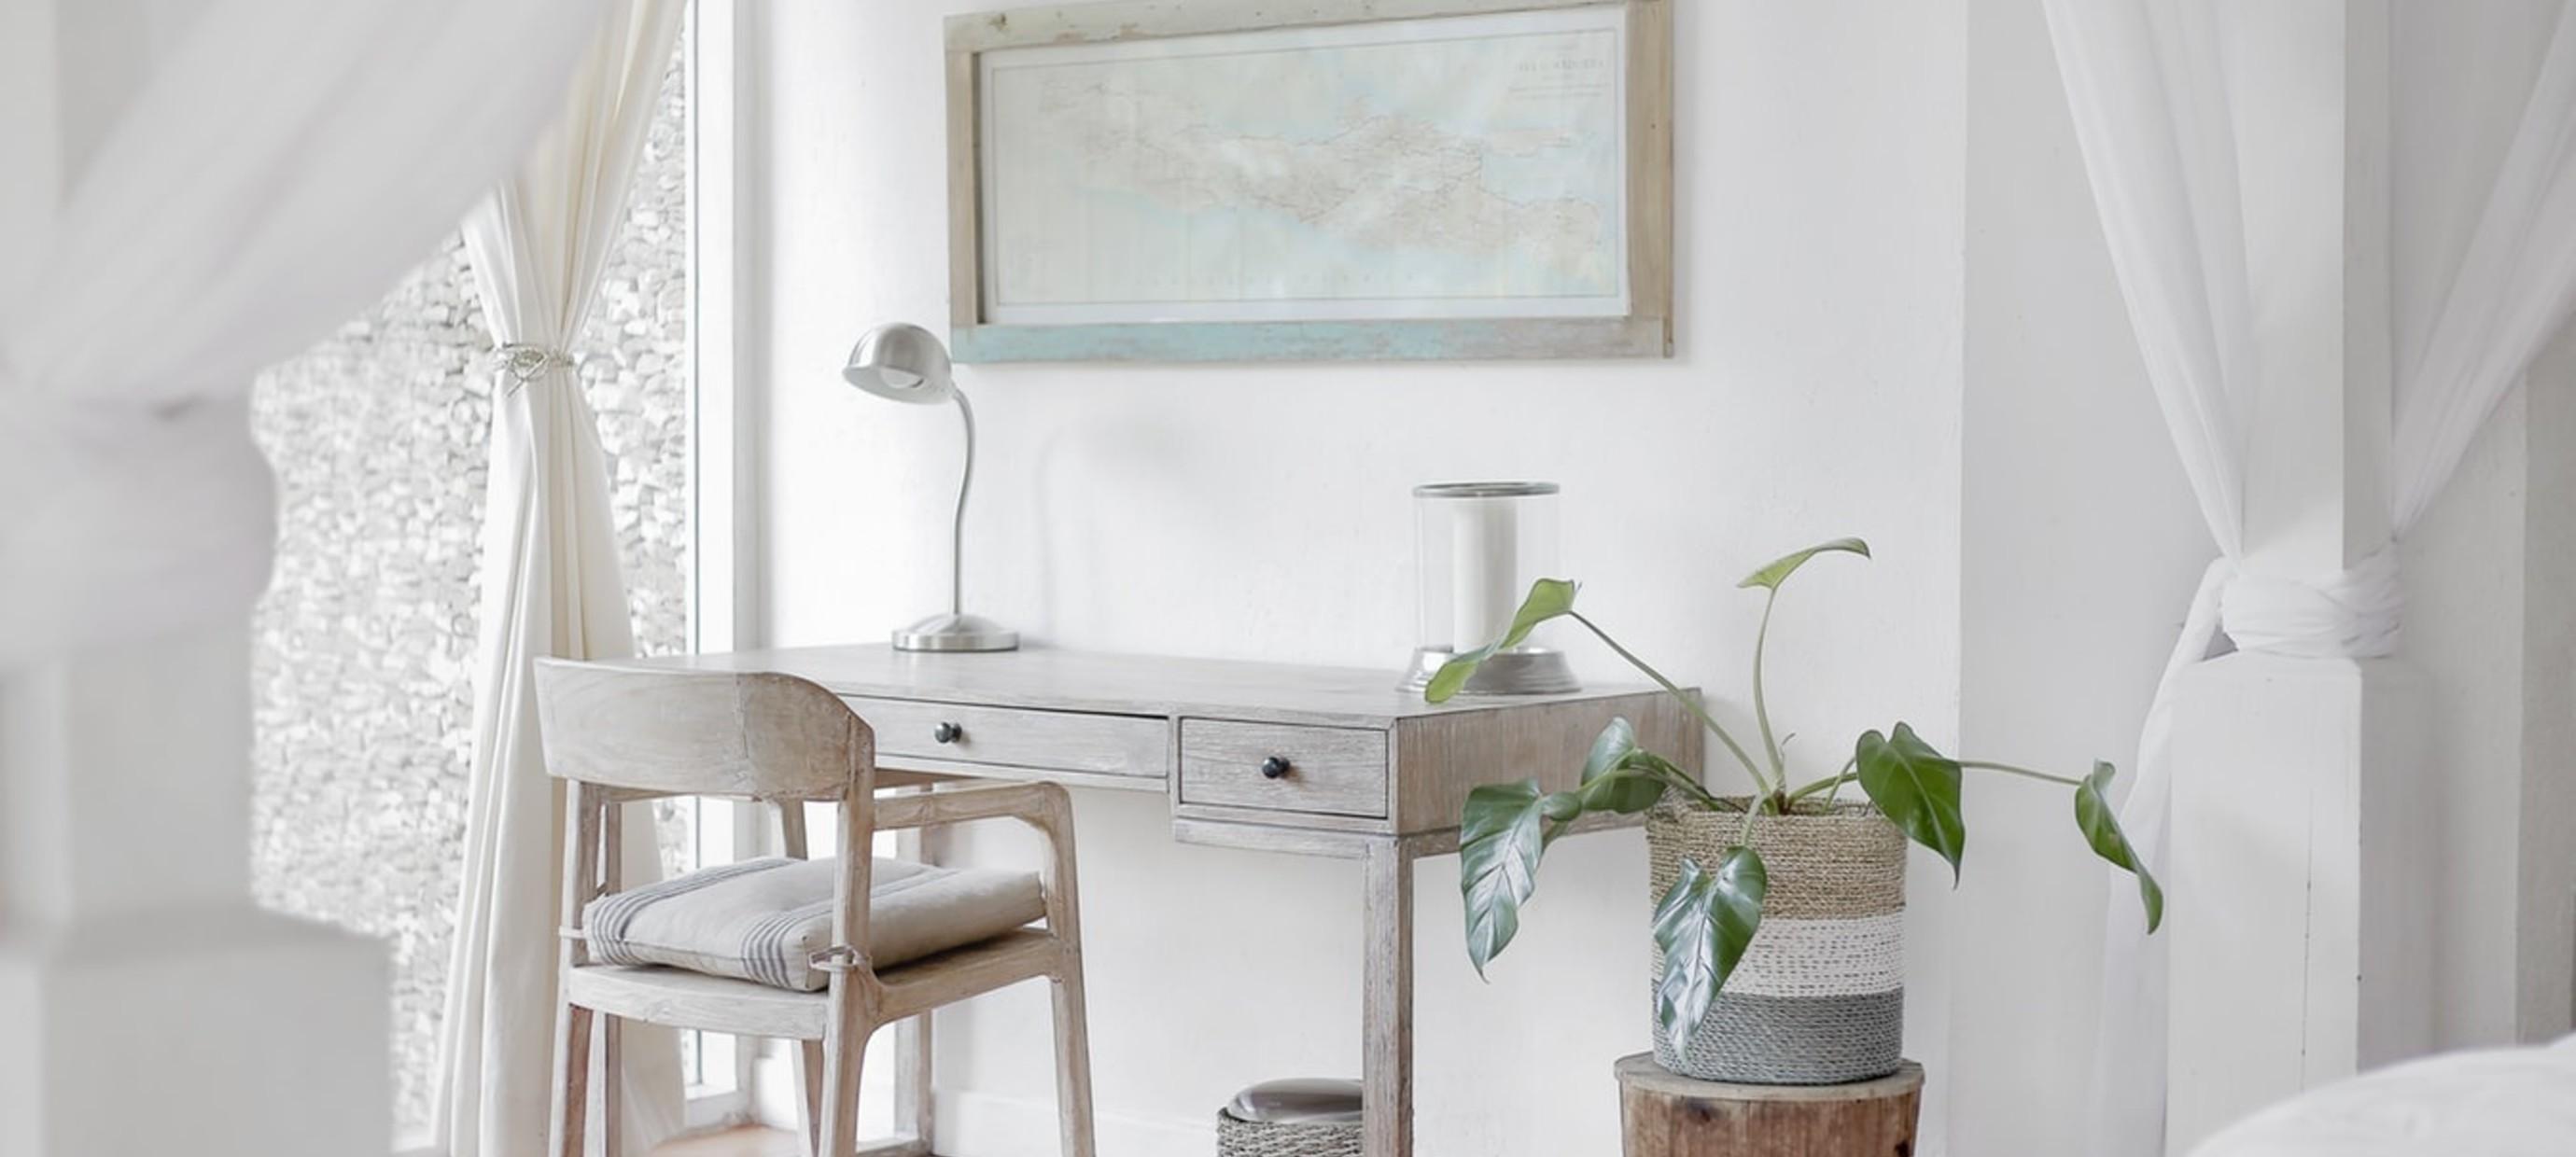 Vastgoedstyling: tijdens je scheiding je huis sneller verkopen